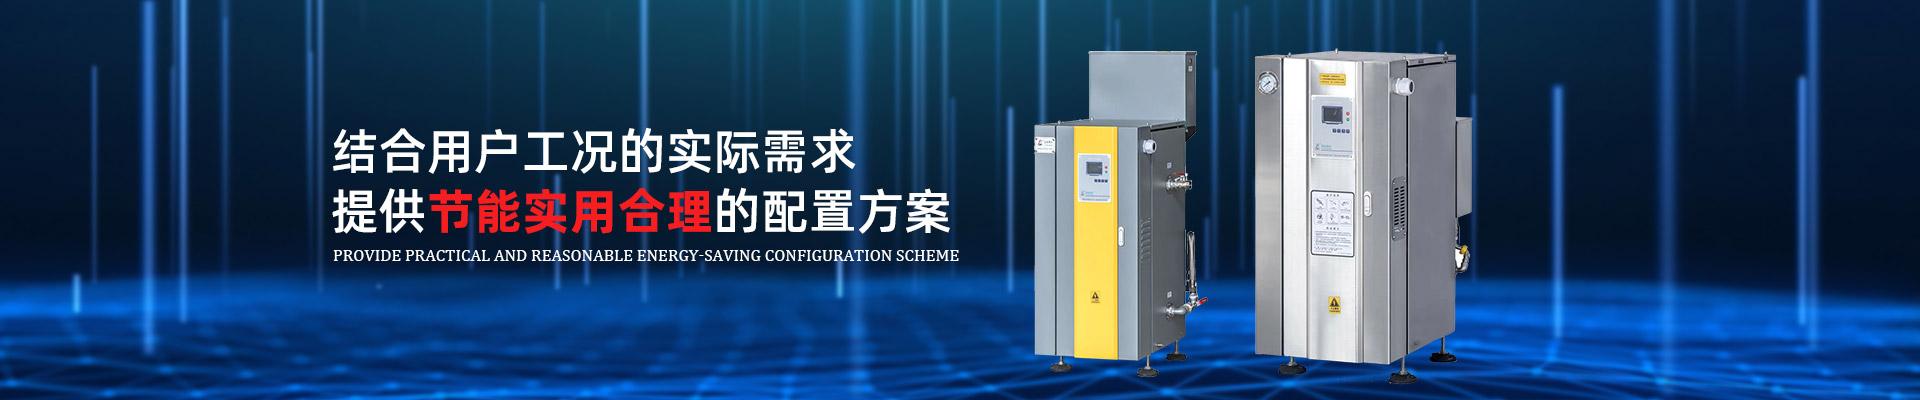 艾亚锅炉-开发的水电分离设计,更安全更精工